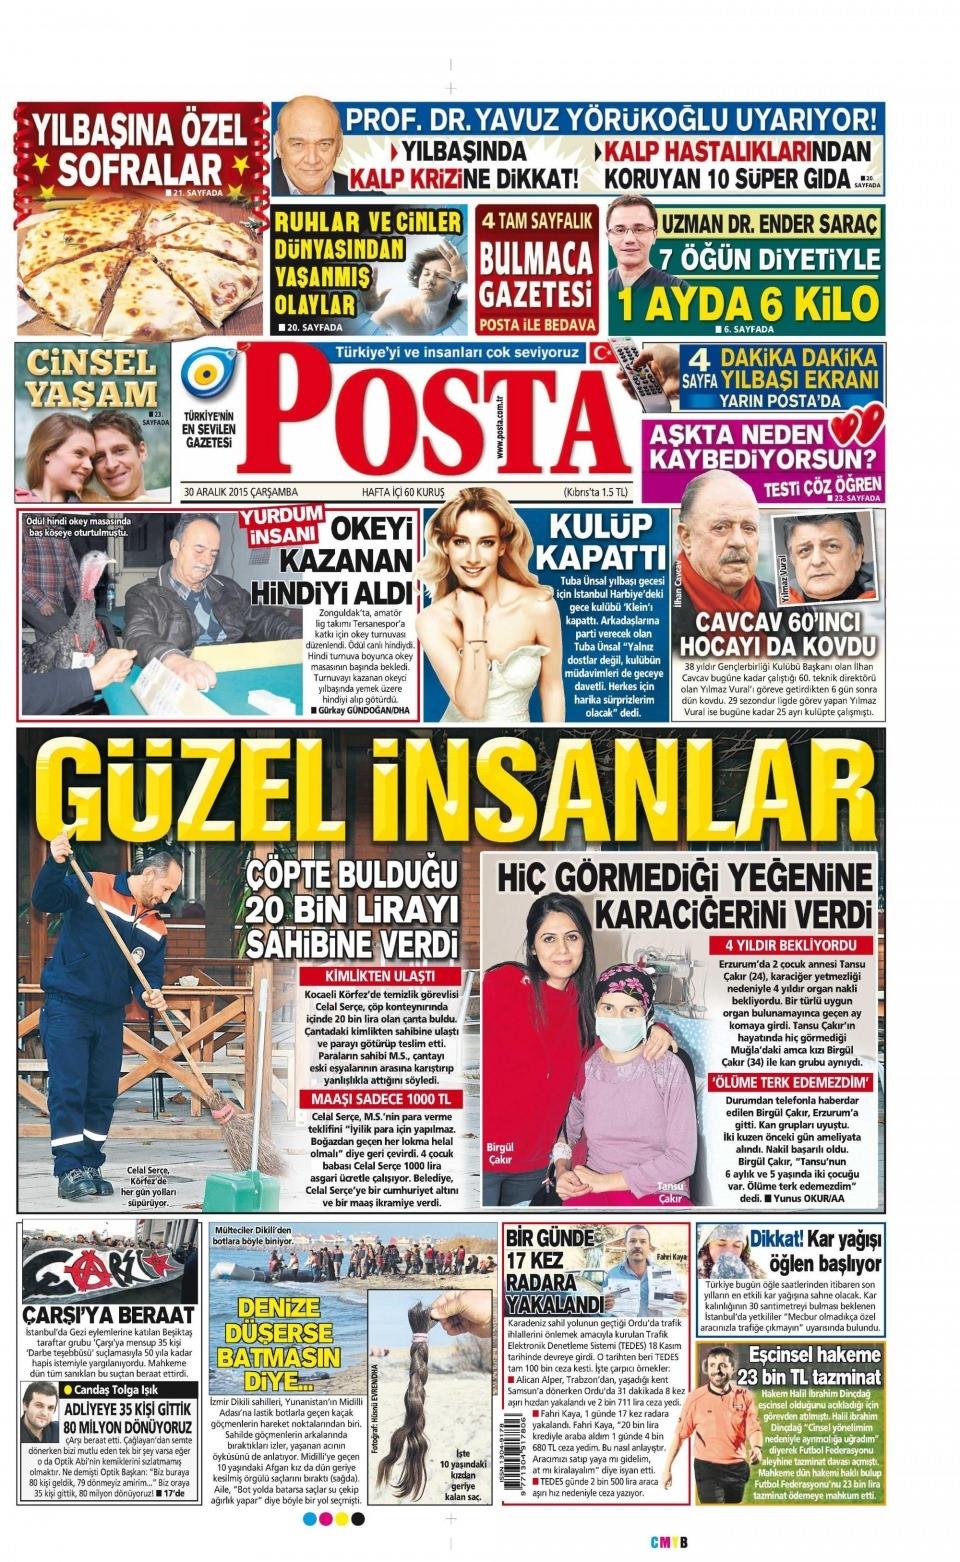 30 Aralık 2015 gazete manşetleri 22